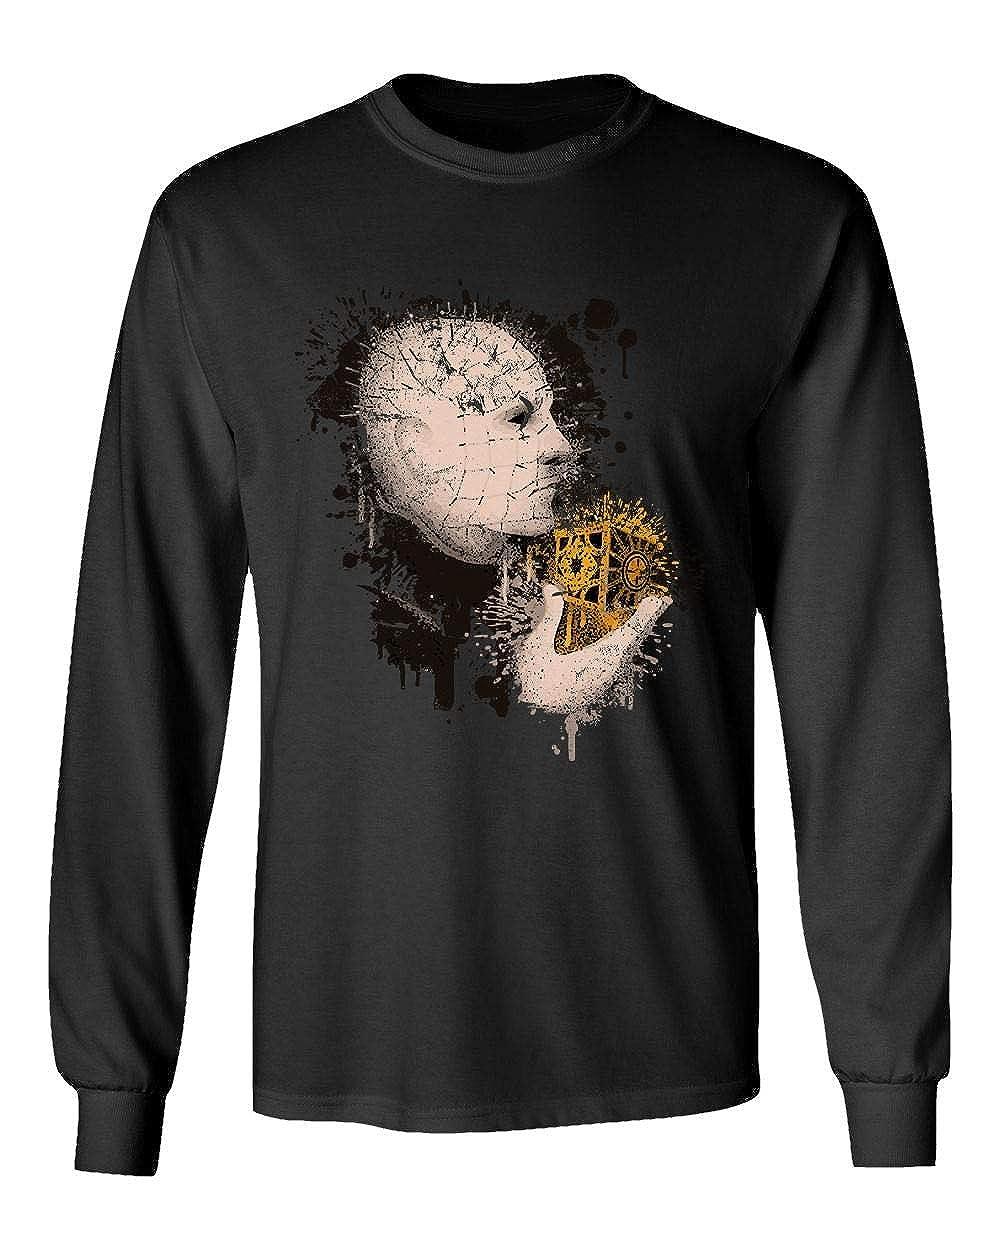 New Novelty Shirt Cenobites Halloween Horror Shirt Hellraiser S Tshirt